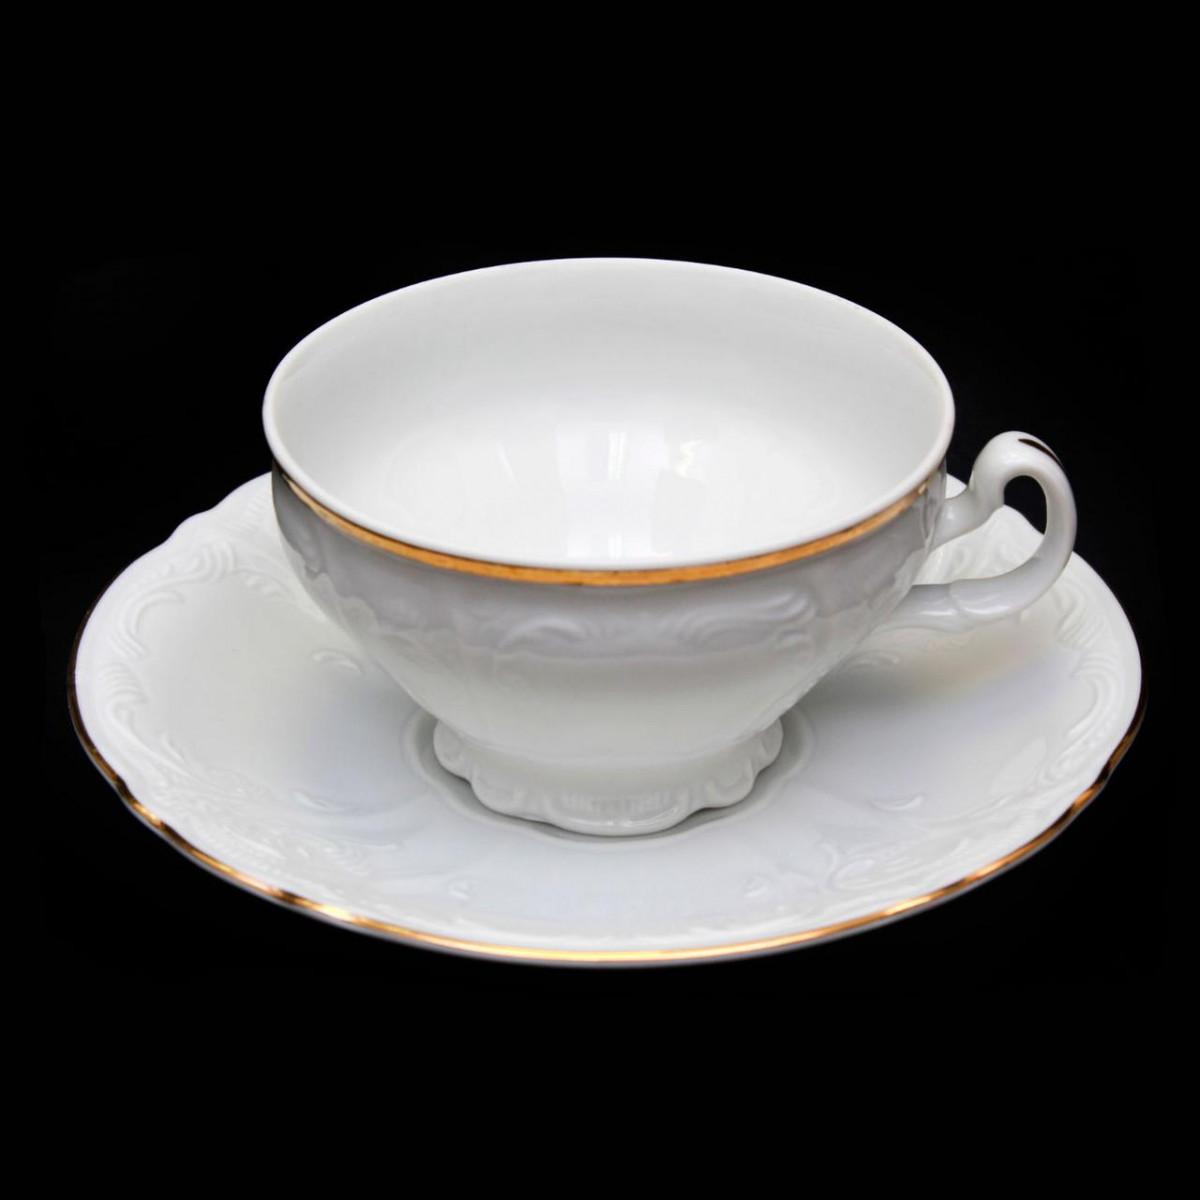 Сервіз чайний 12 предметів Bernadotte Thun 311011-12-180